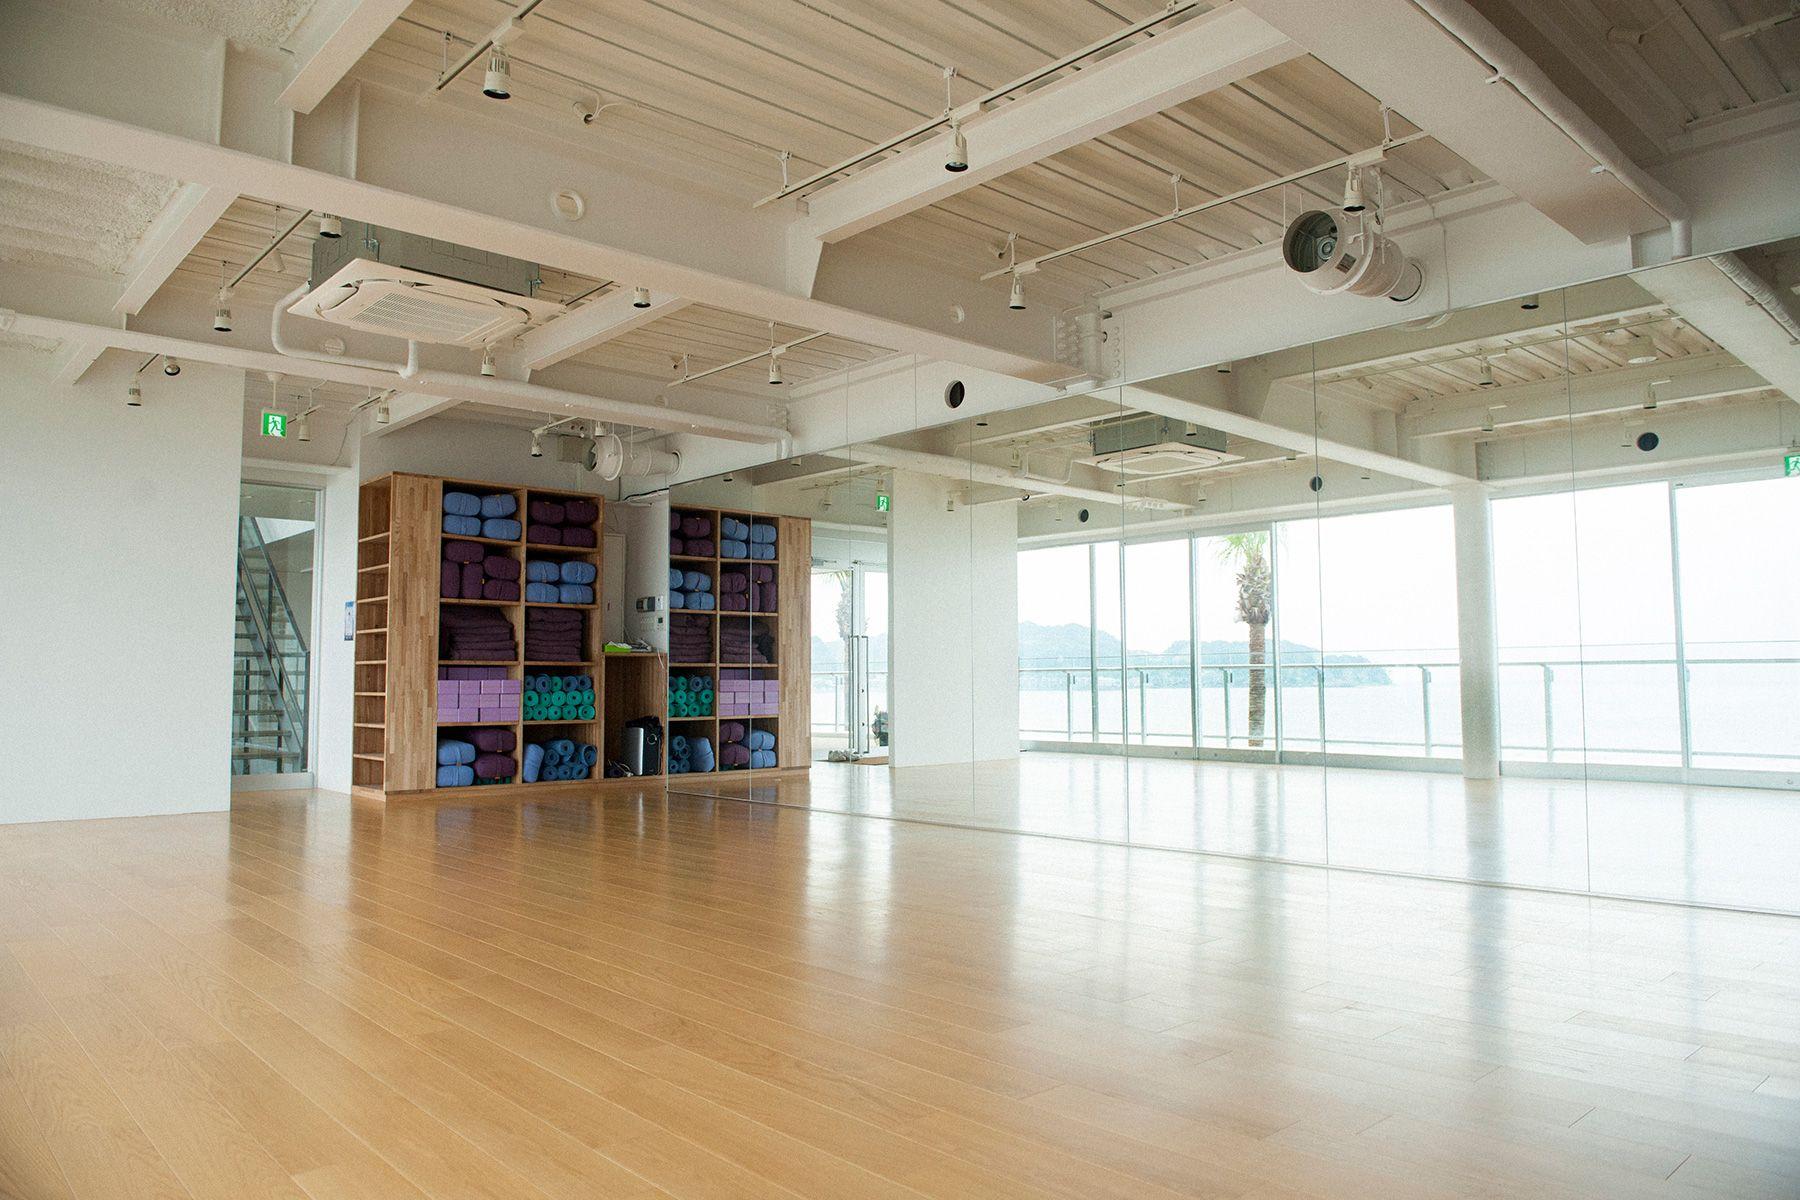 MOKU(モク 材木座)真隣施設の使用可能ヨガスタジオ